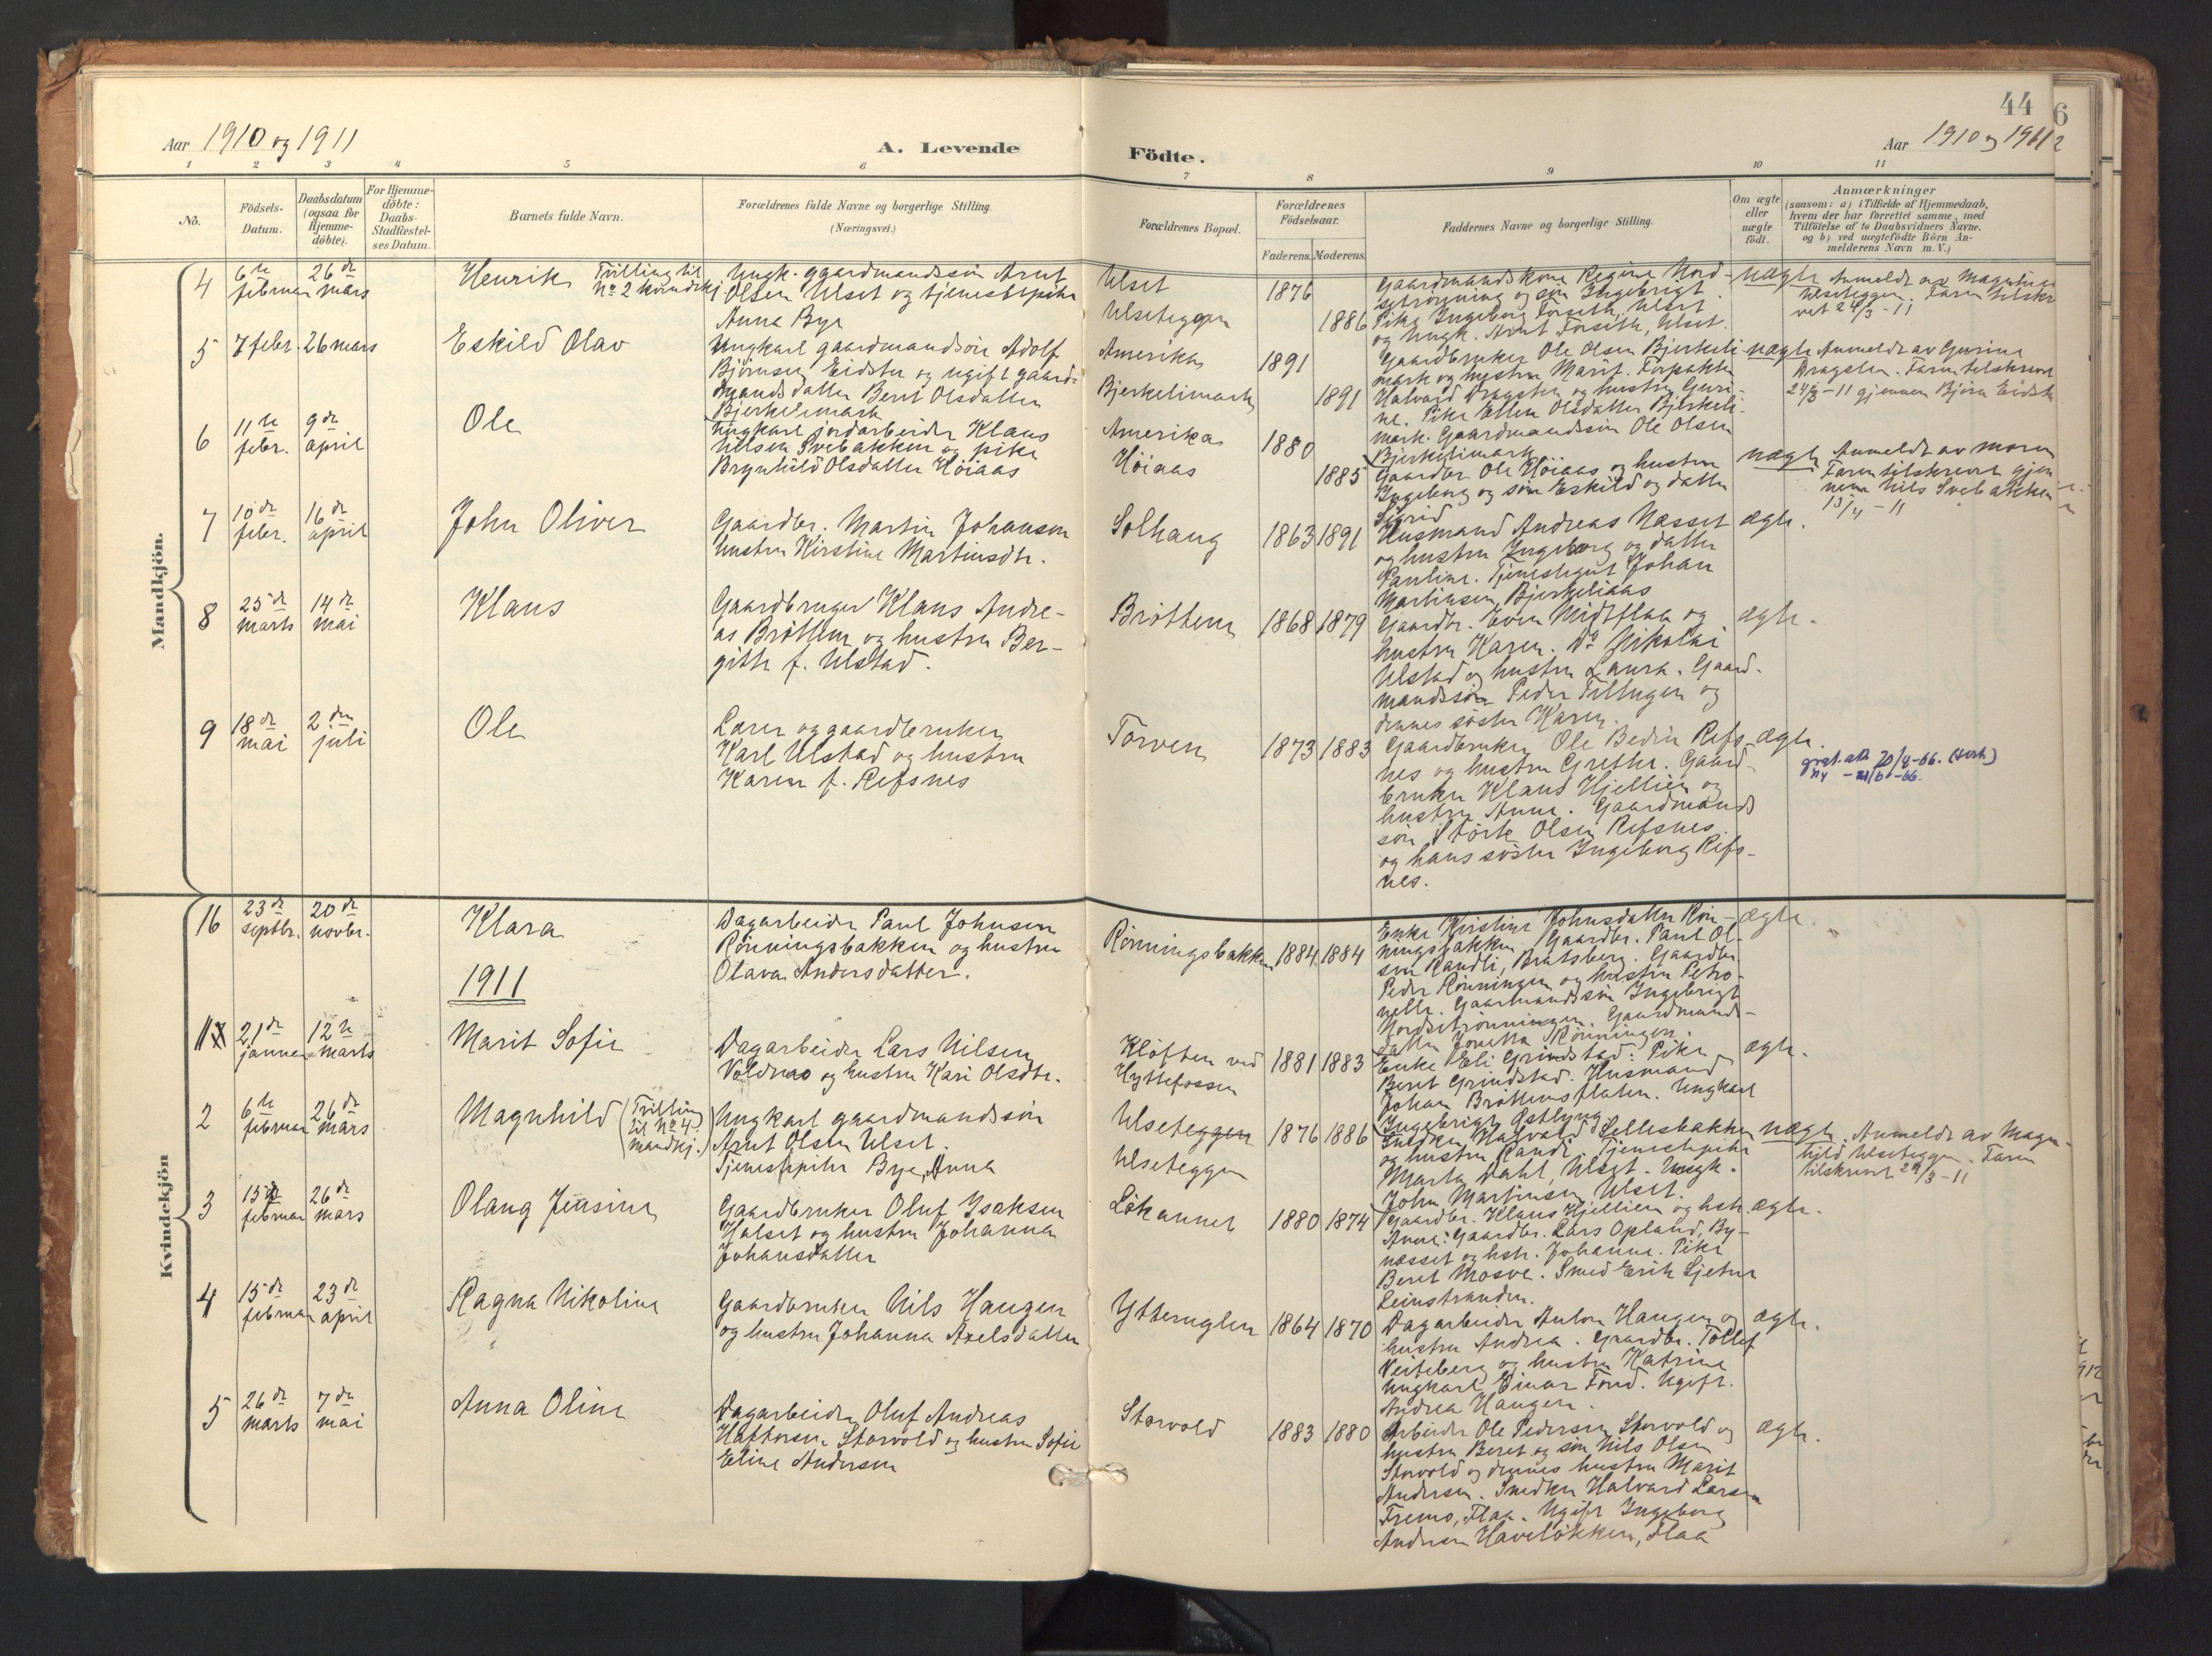 SAT, Ministerialprotokoller, klokkerbøker og fødselsregistre - Sør-Trøndelag, 618/L0448: Ministerialbok nr. 618A11, 1898-1916, s. 44